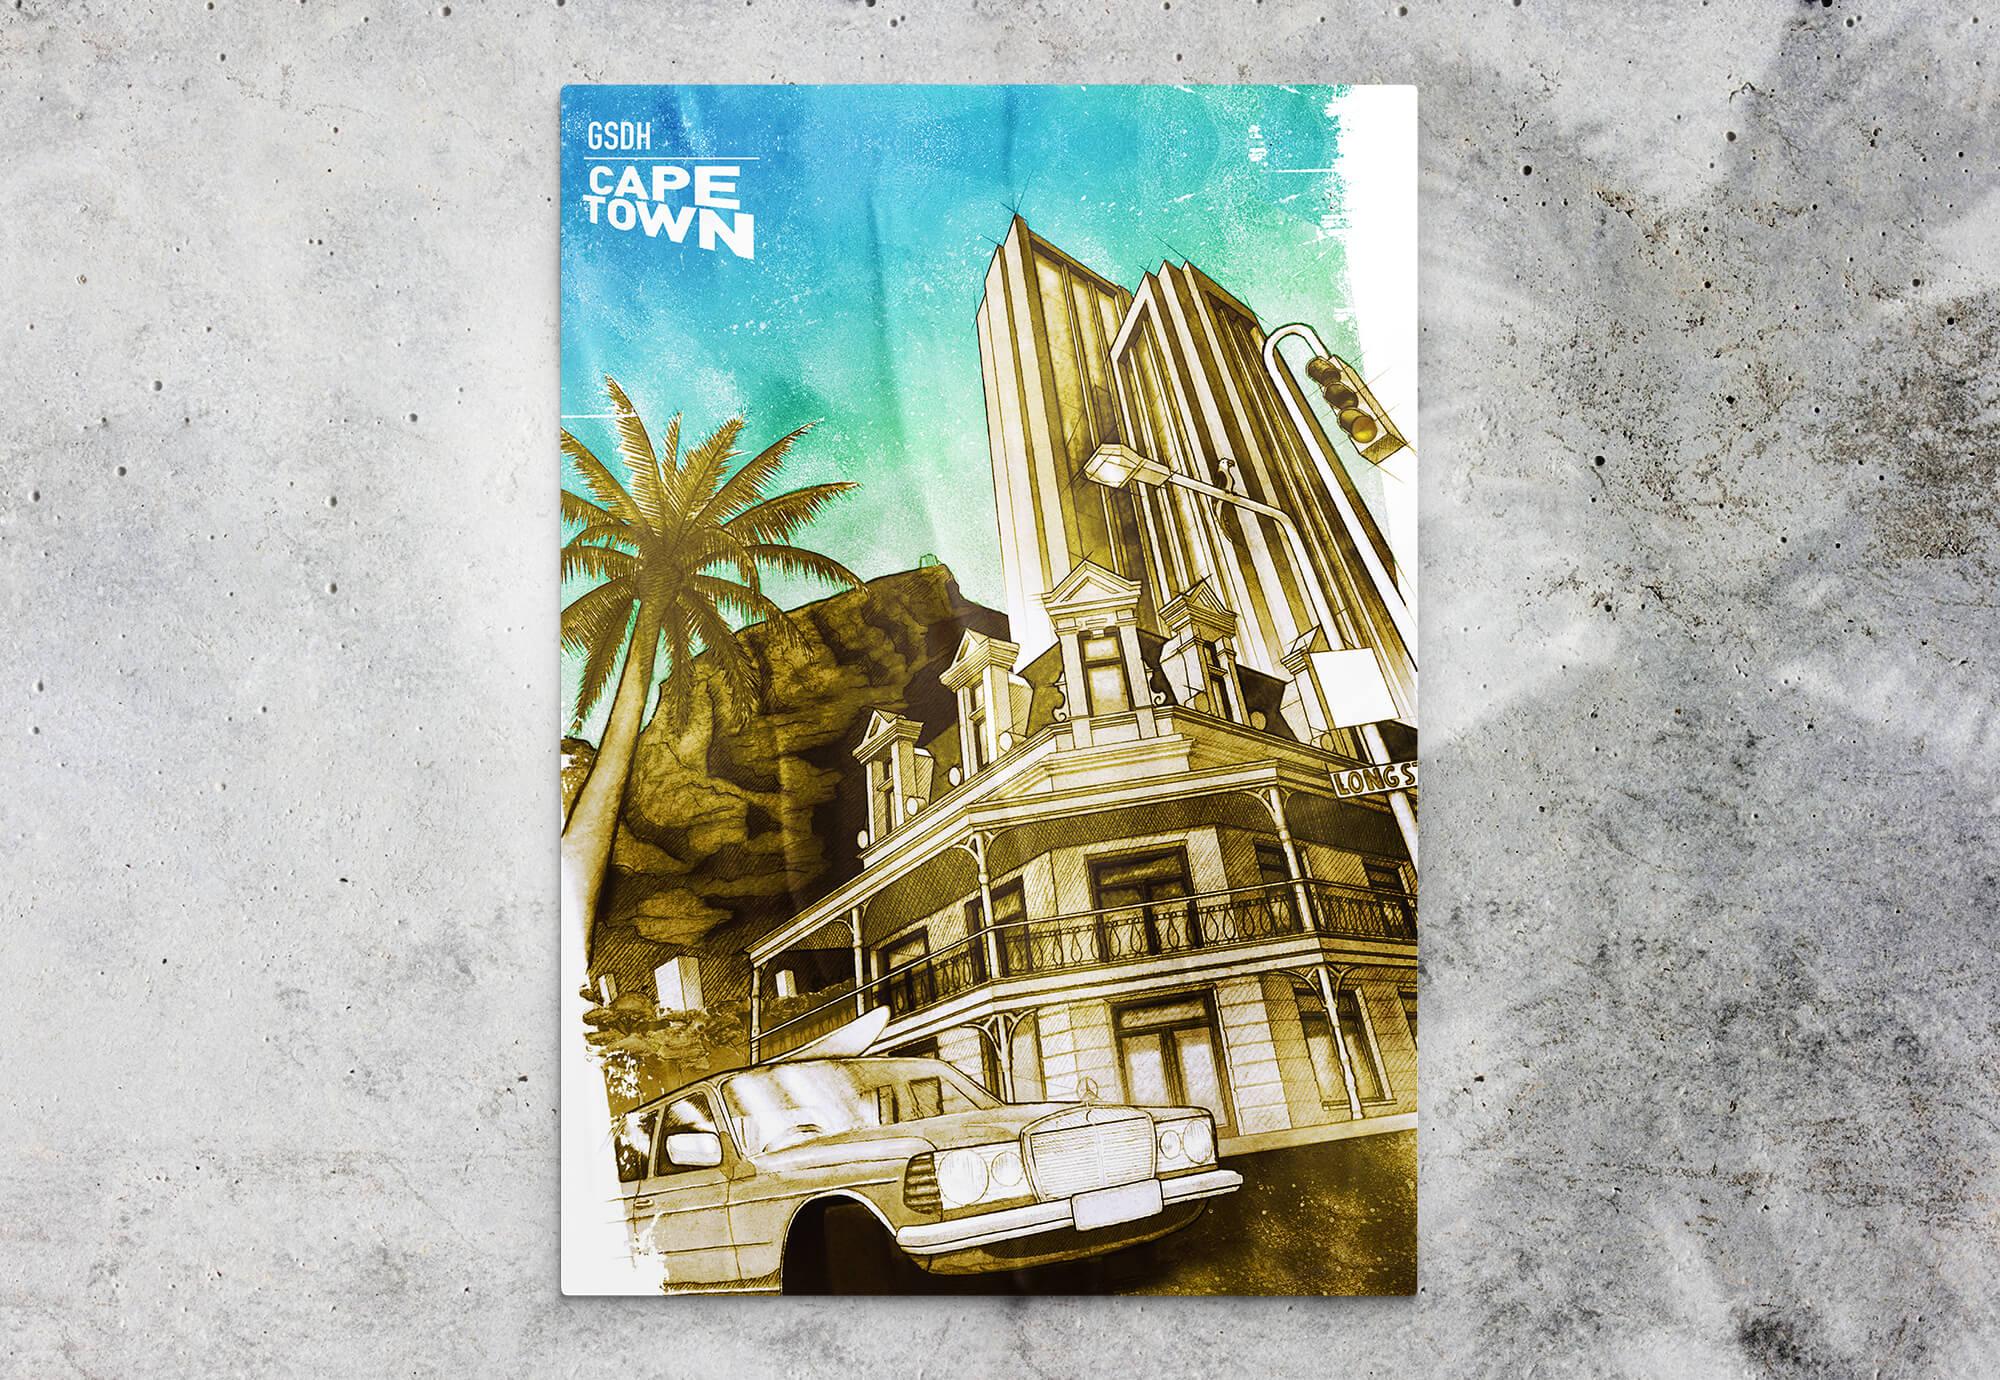 Poster Illustration in Acryl Mercedes vor Tafelberg und Palmen in Kapstadt